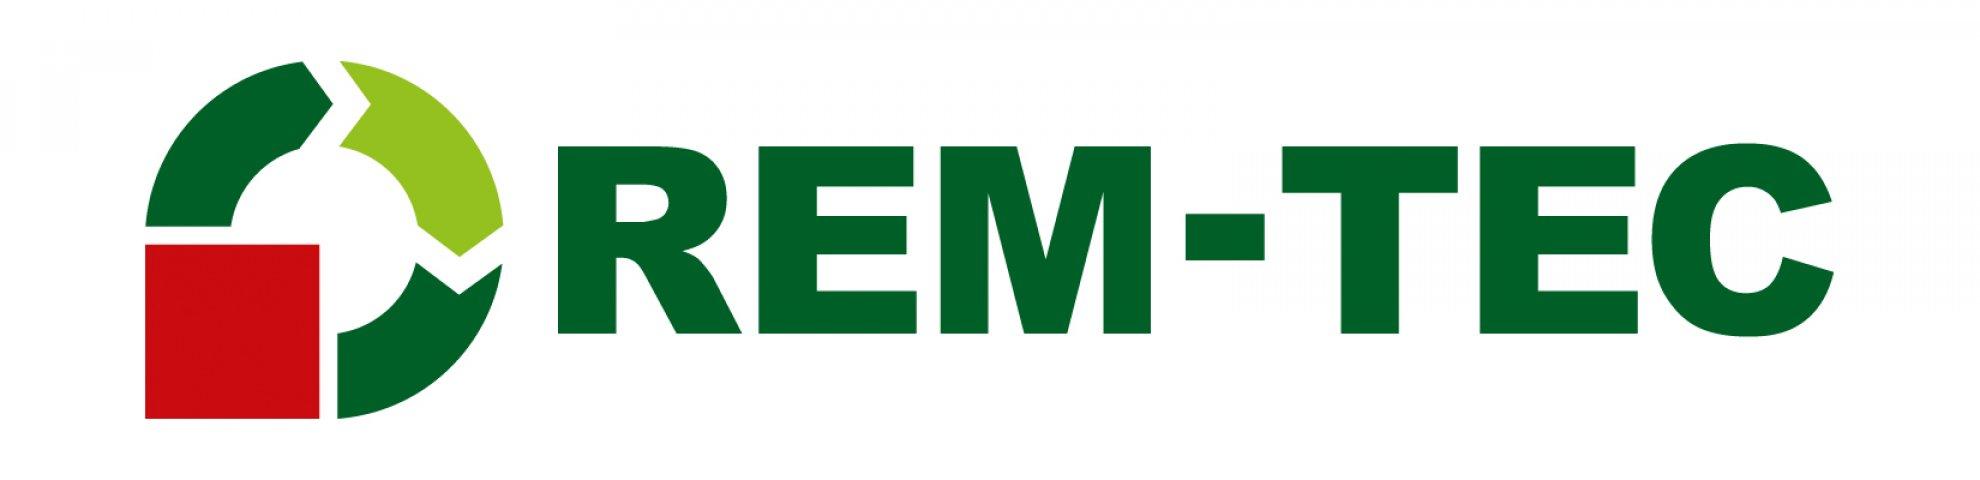 logo_rem-tec_140_kb_jpg.jpg